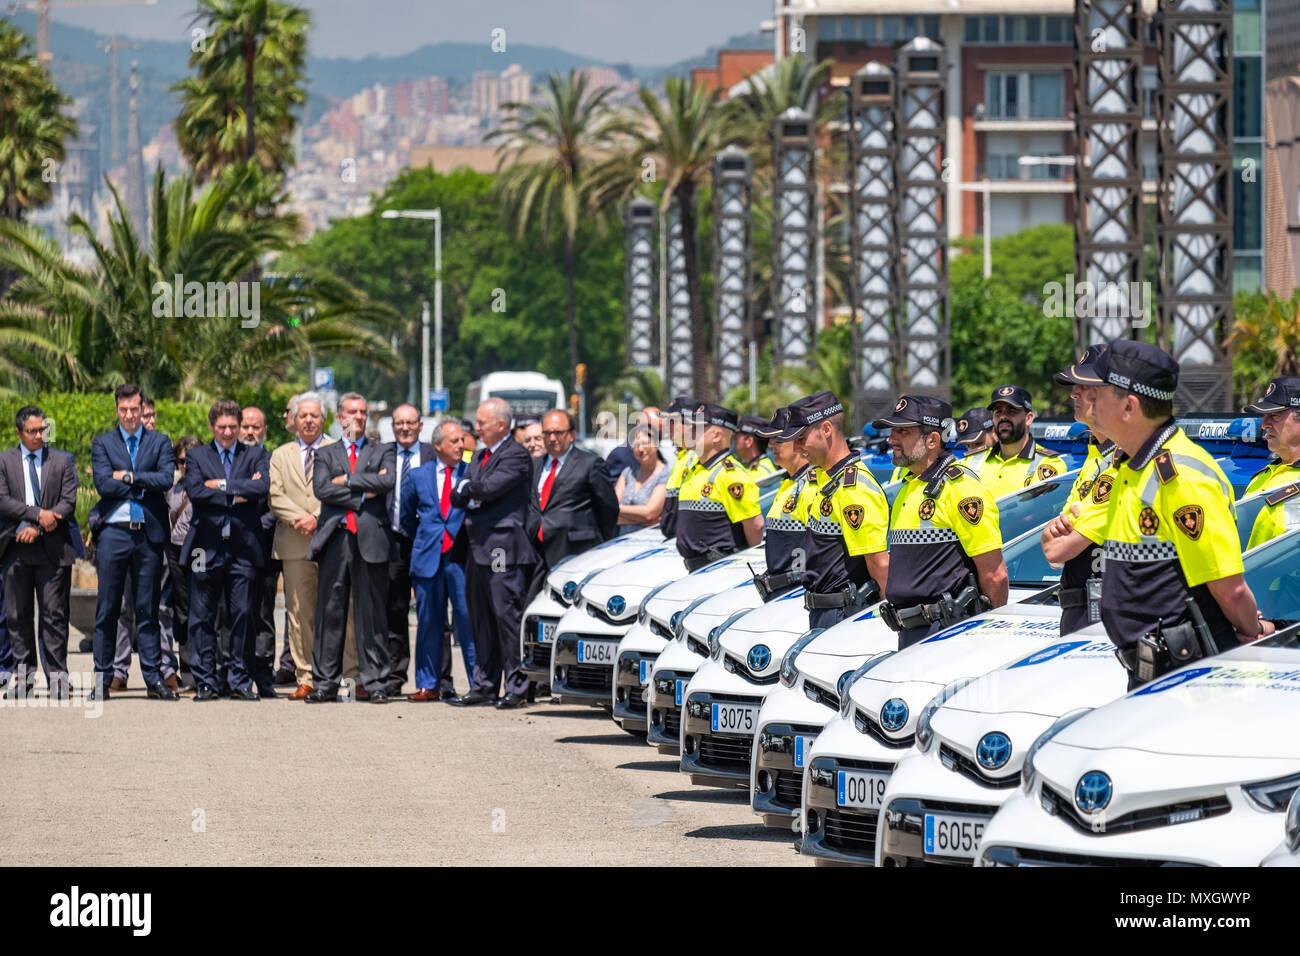 Barcellona, in Catalogna, Spagna. Il 4 giugno, 2018. I dirigenti della Toyota sono visto accanto a membri del Barcelona guardia urbana. Con la presenza del Sindaco Ada Colau e la sicurezza il commissario Amadeu Recasens, la presentazione della pattuglia nuovo parco veicoli della Guardia Urbana de Barcelona La polizia ha avuto luogo. L'investimento è stato di 12,6 milioni di euro. I veicoli nuovi con un sistema ibrido consentono un risparmio di combustibile di 608 euro per veicolo e per anno. Queste nuove auto sono dotate di nuove tecnologie di comunicazione e le telecamere con riconoscimento targhe. Allo stesso modo, tutti i veicoli sono equipaggiati con un defibril Immagini Stock